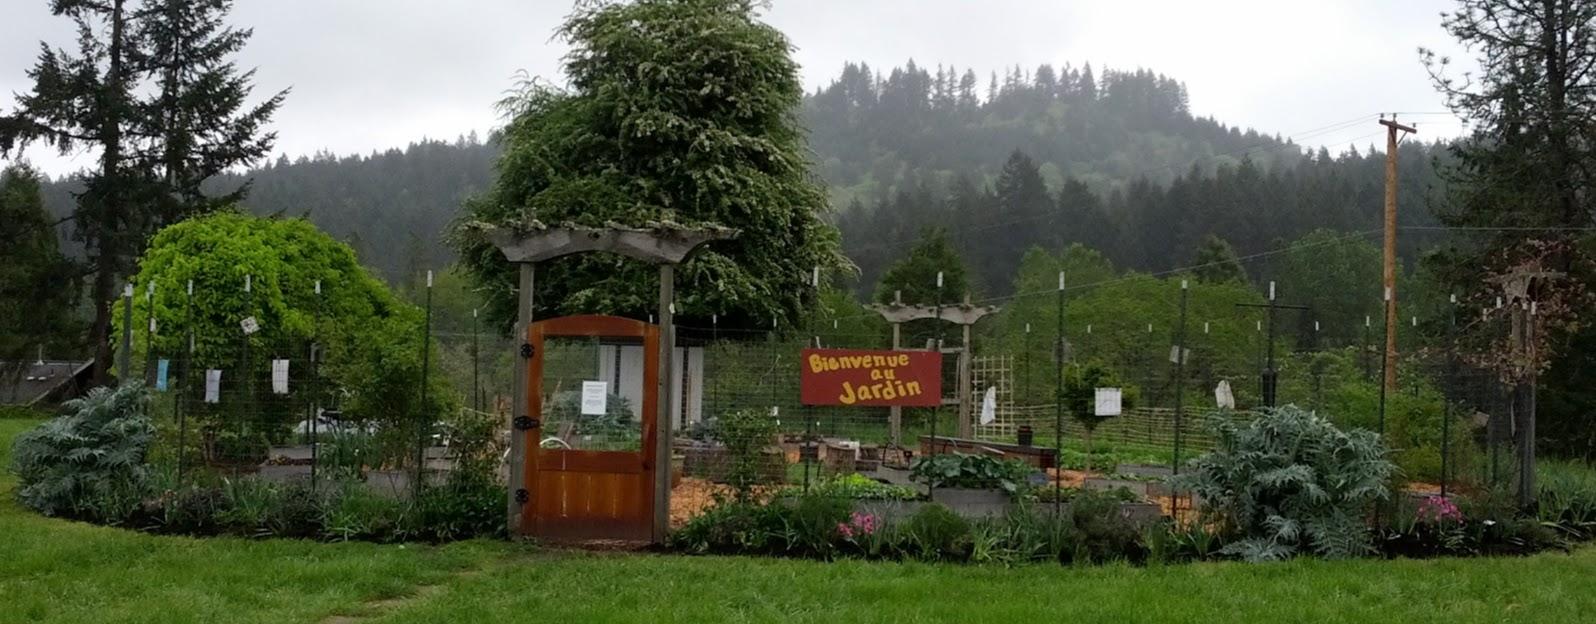 Charlemagne garden